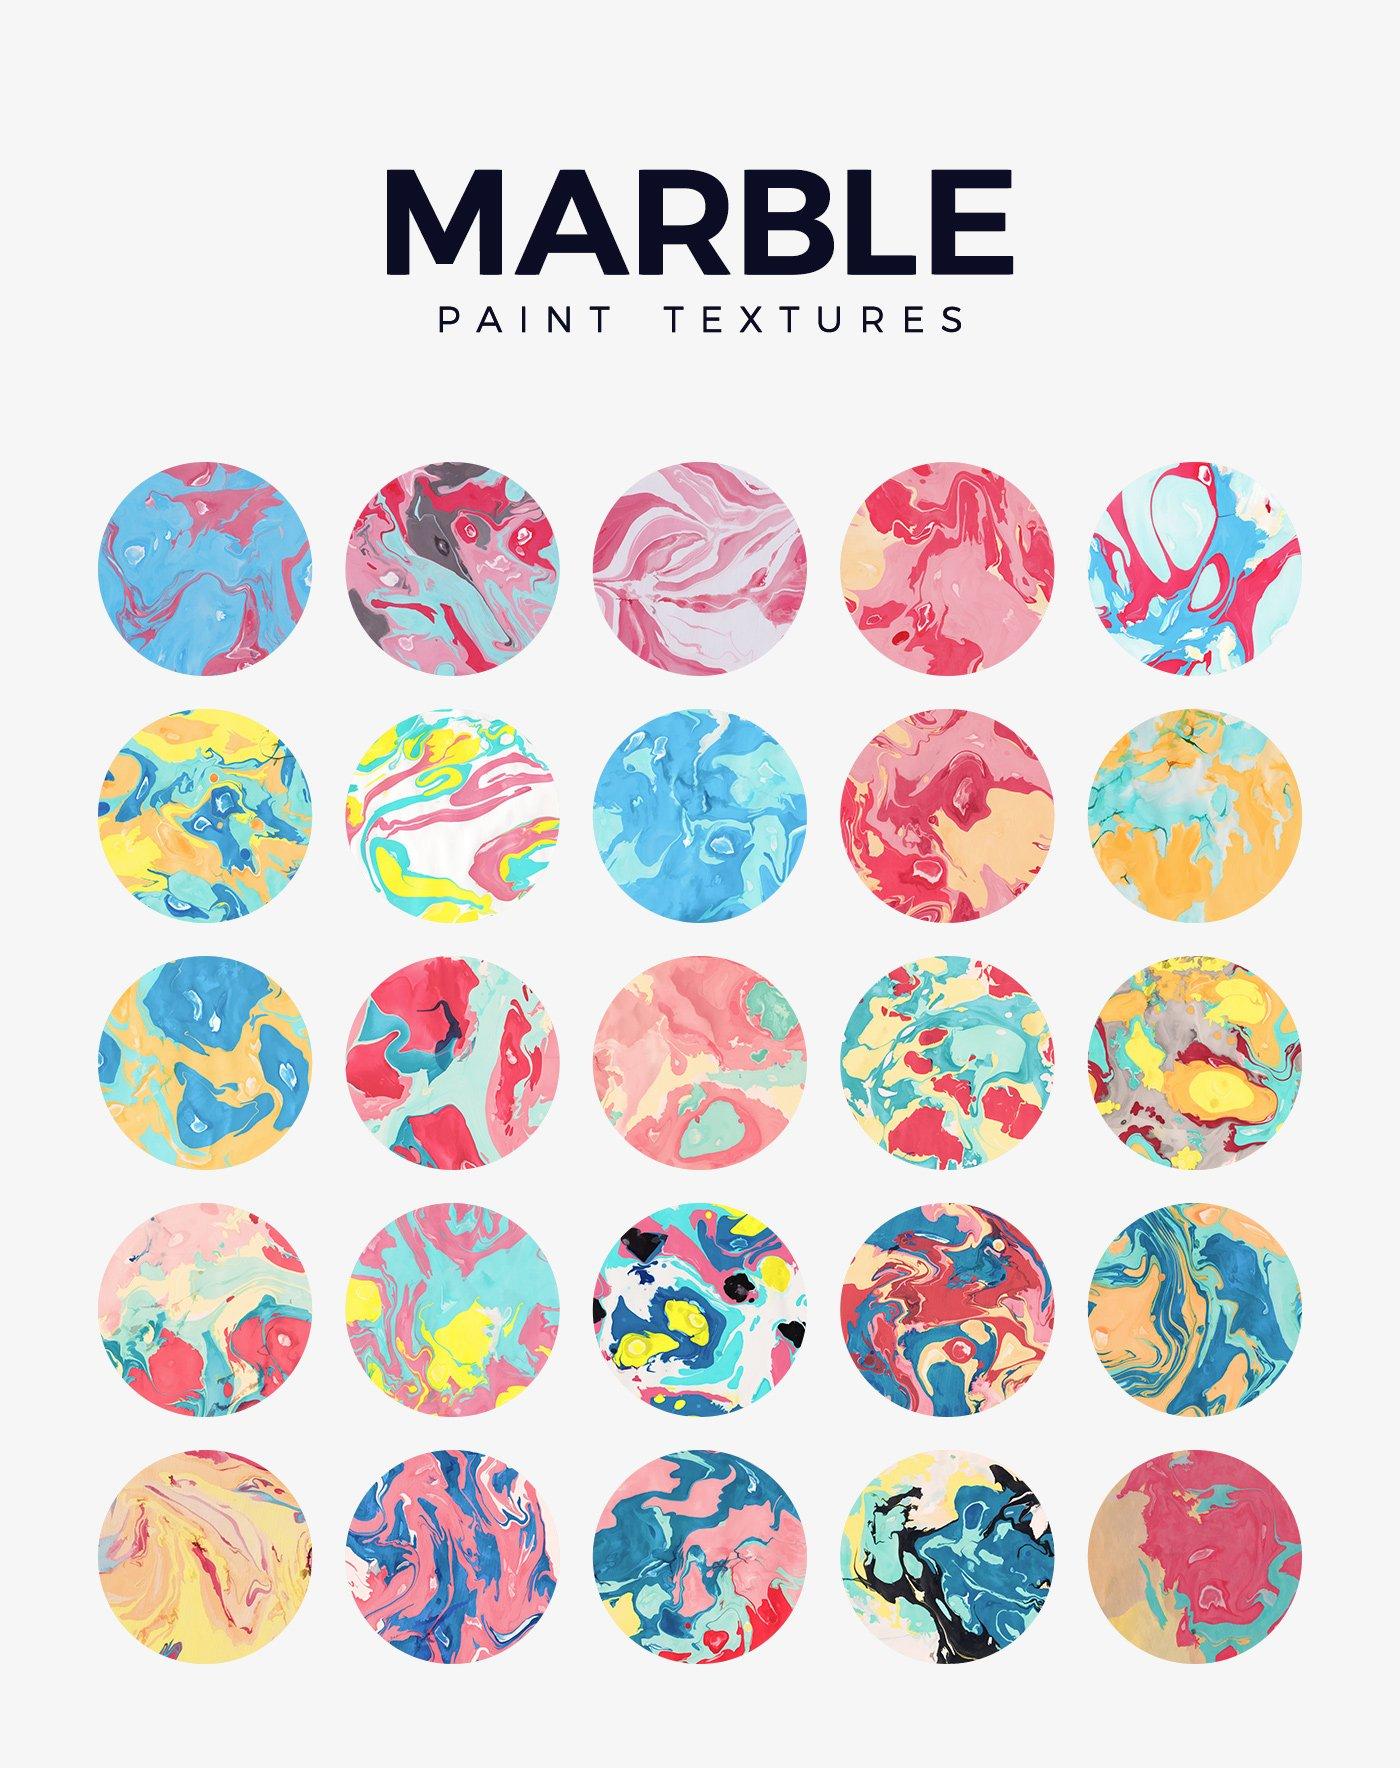 50款高清炫彩液体流动大理石装饰背景纹理图片素材 Marble Paint Textures & Backgrounds插图(4)